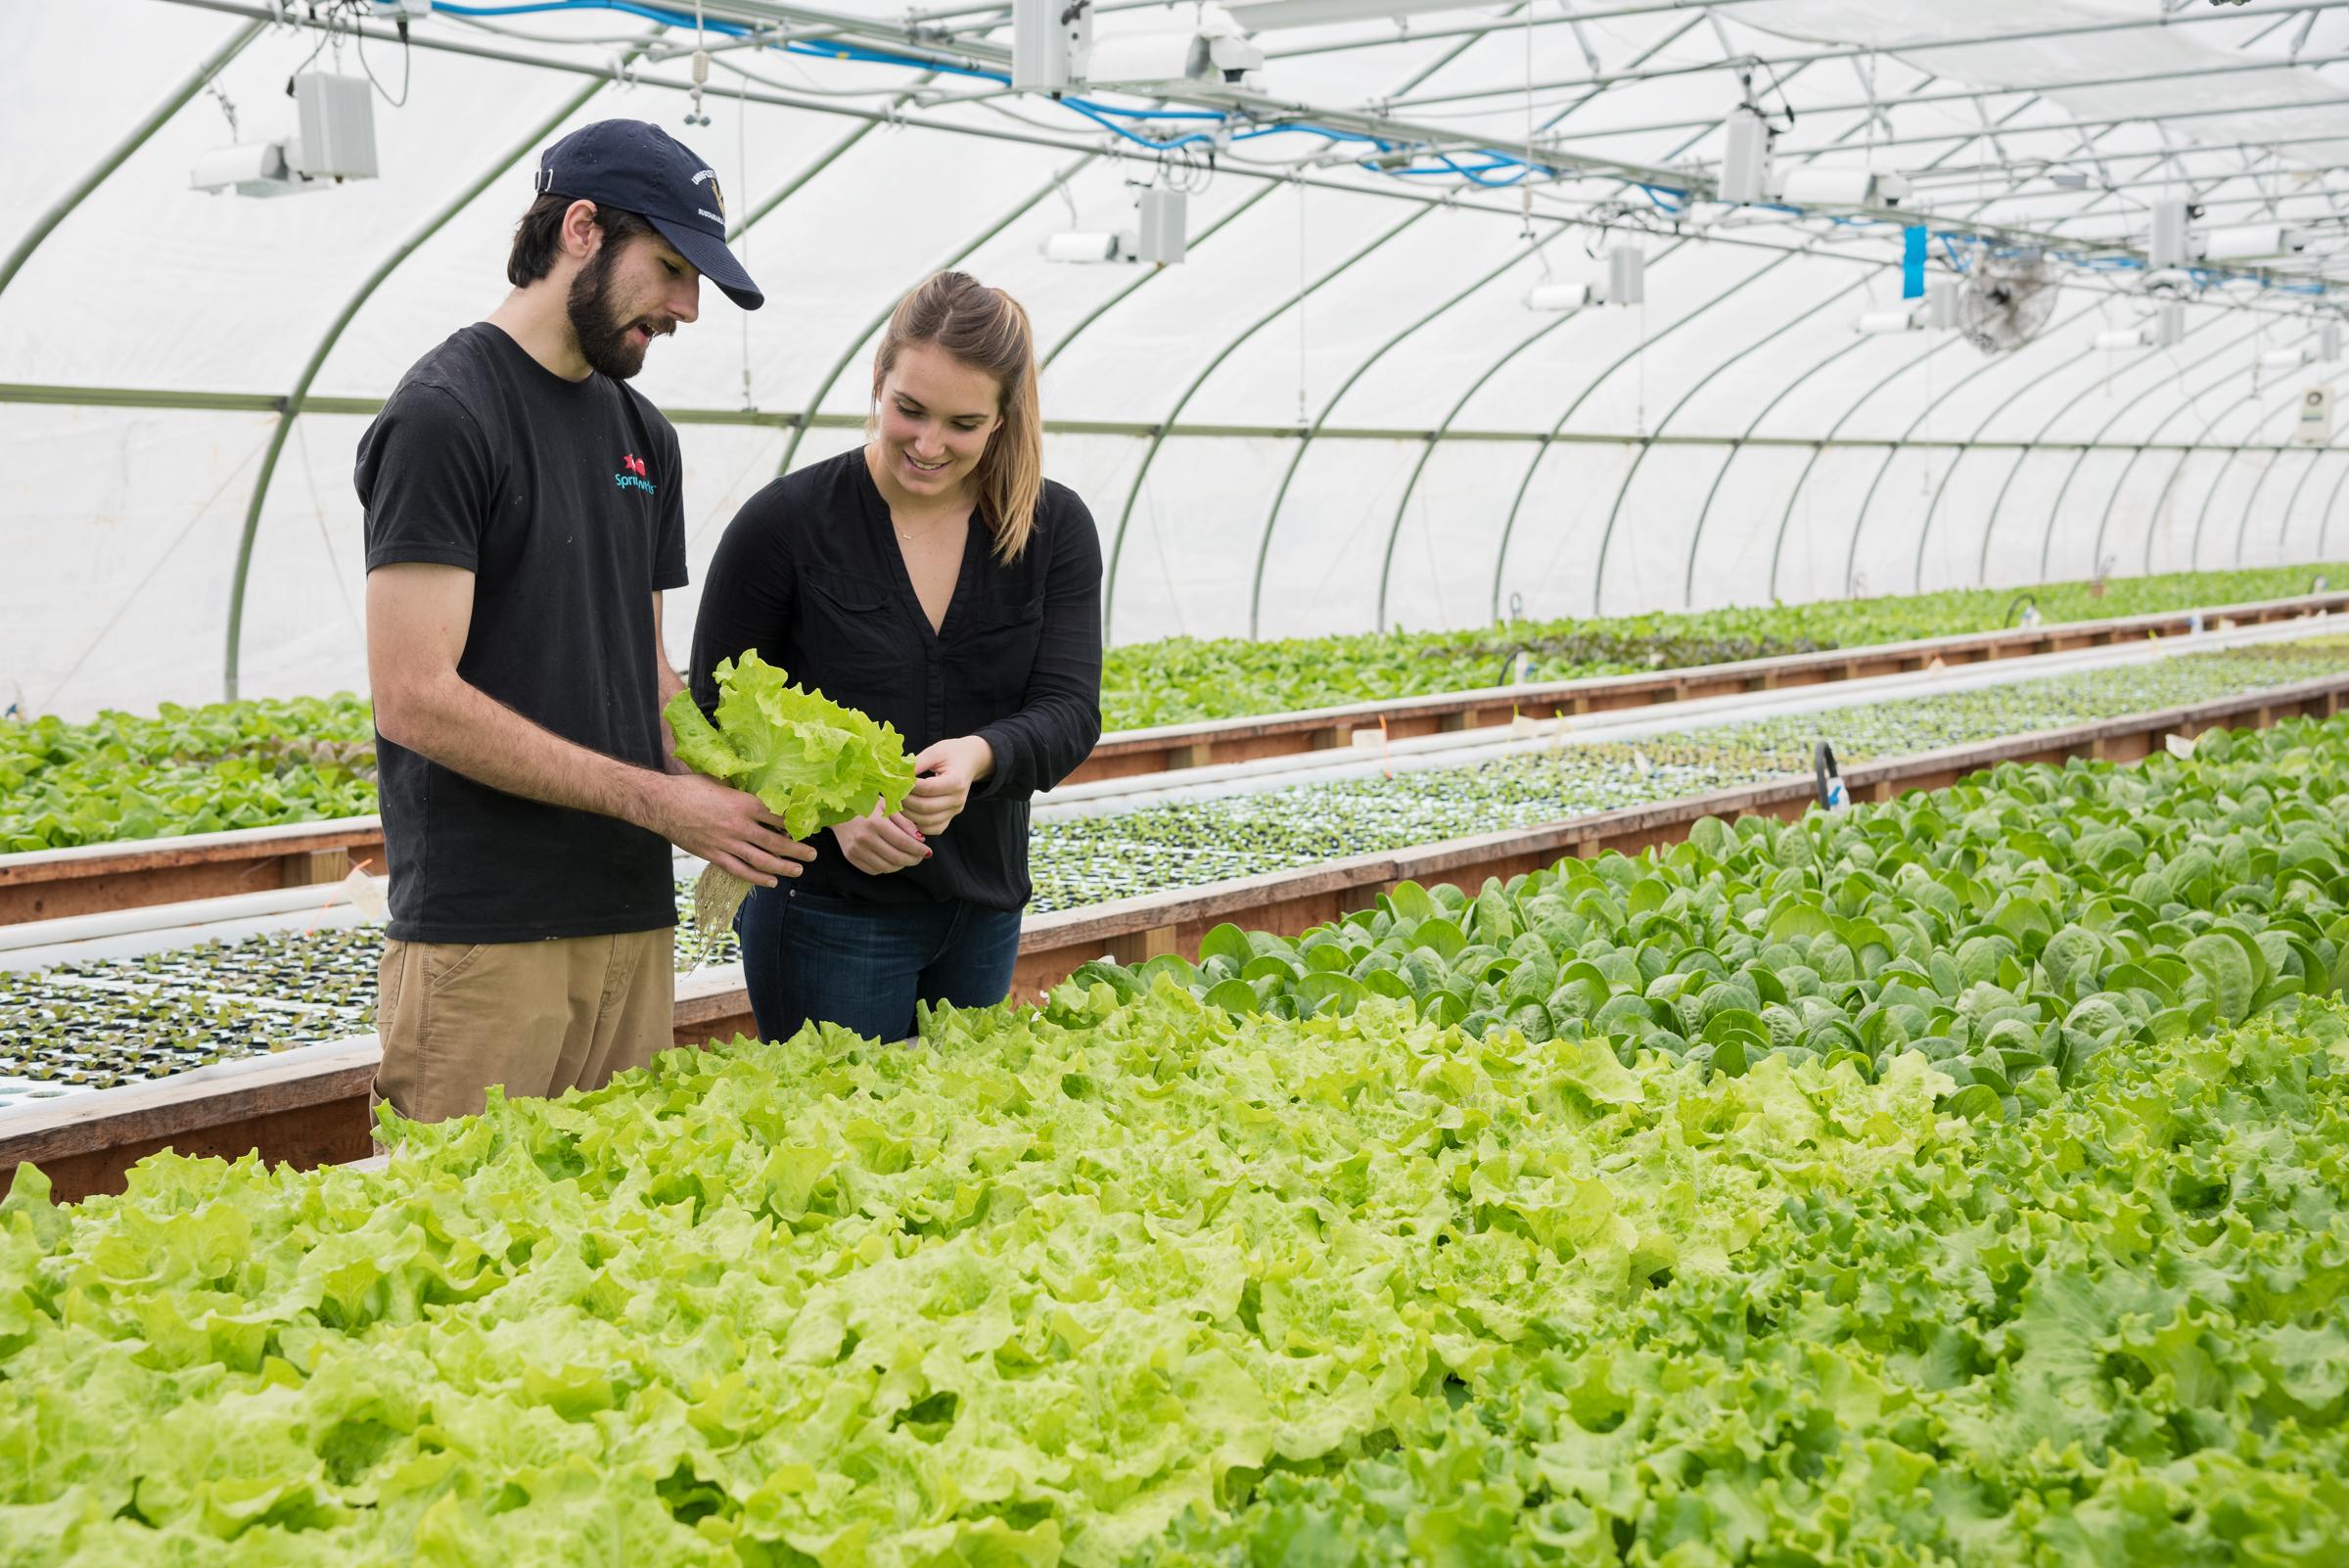 Фермер-аквапоник Тревор Кенкель выращивает сельскохозяйственные культуры, которые имеют большой спрос